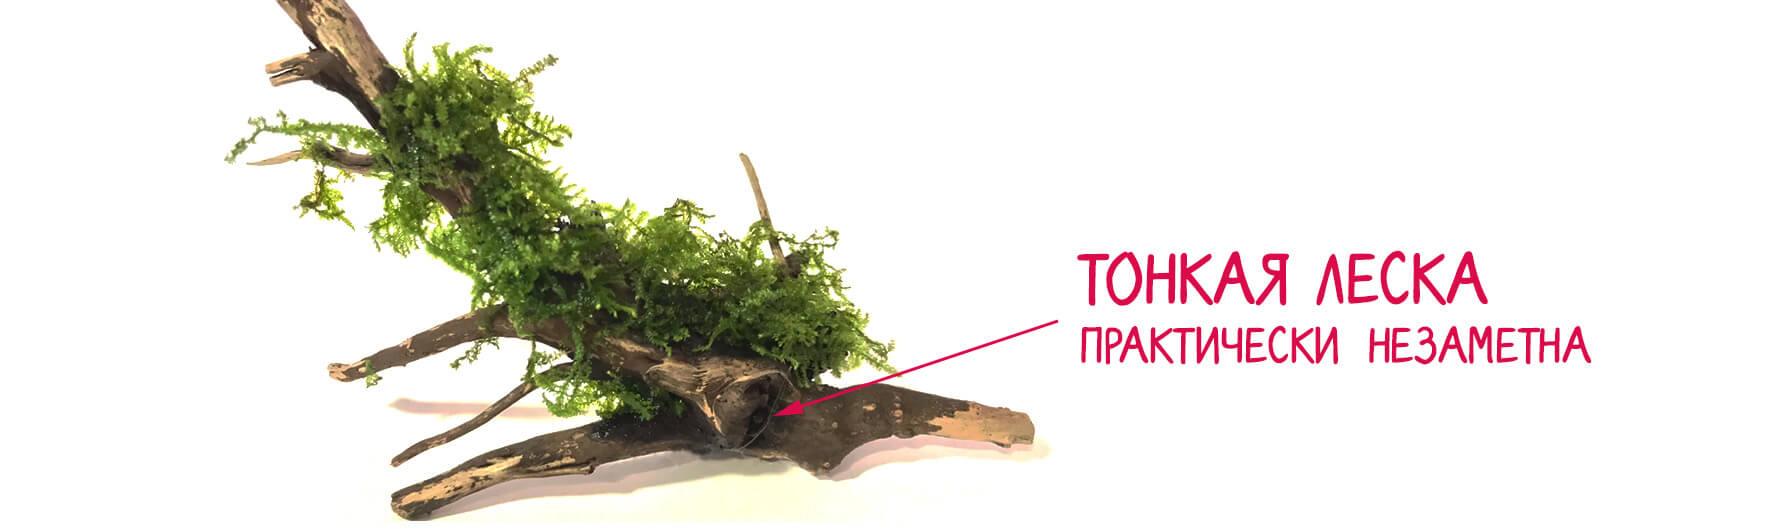 Как закрепить леской мох в аквариуме леской